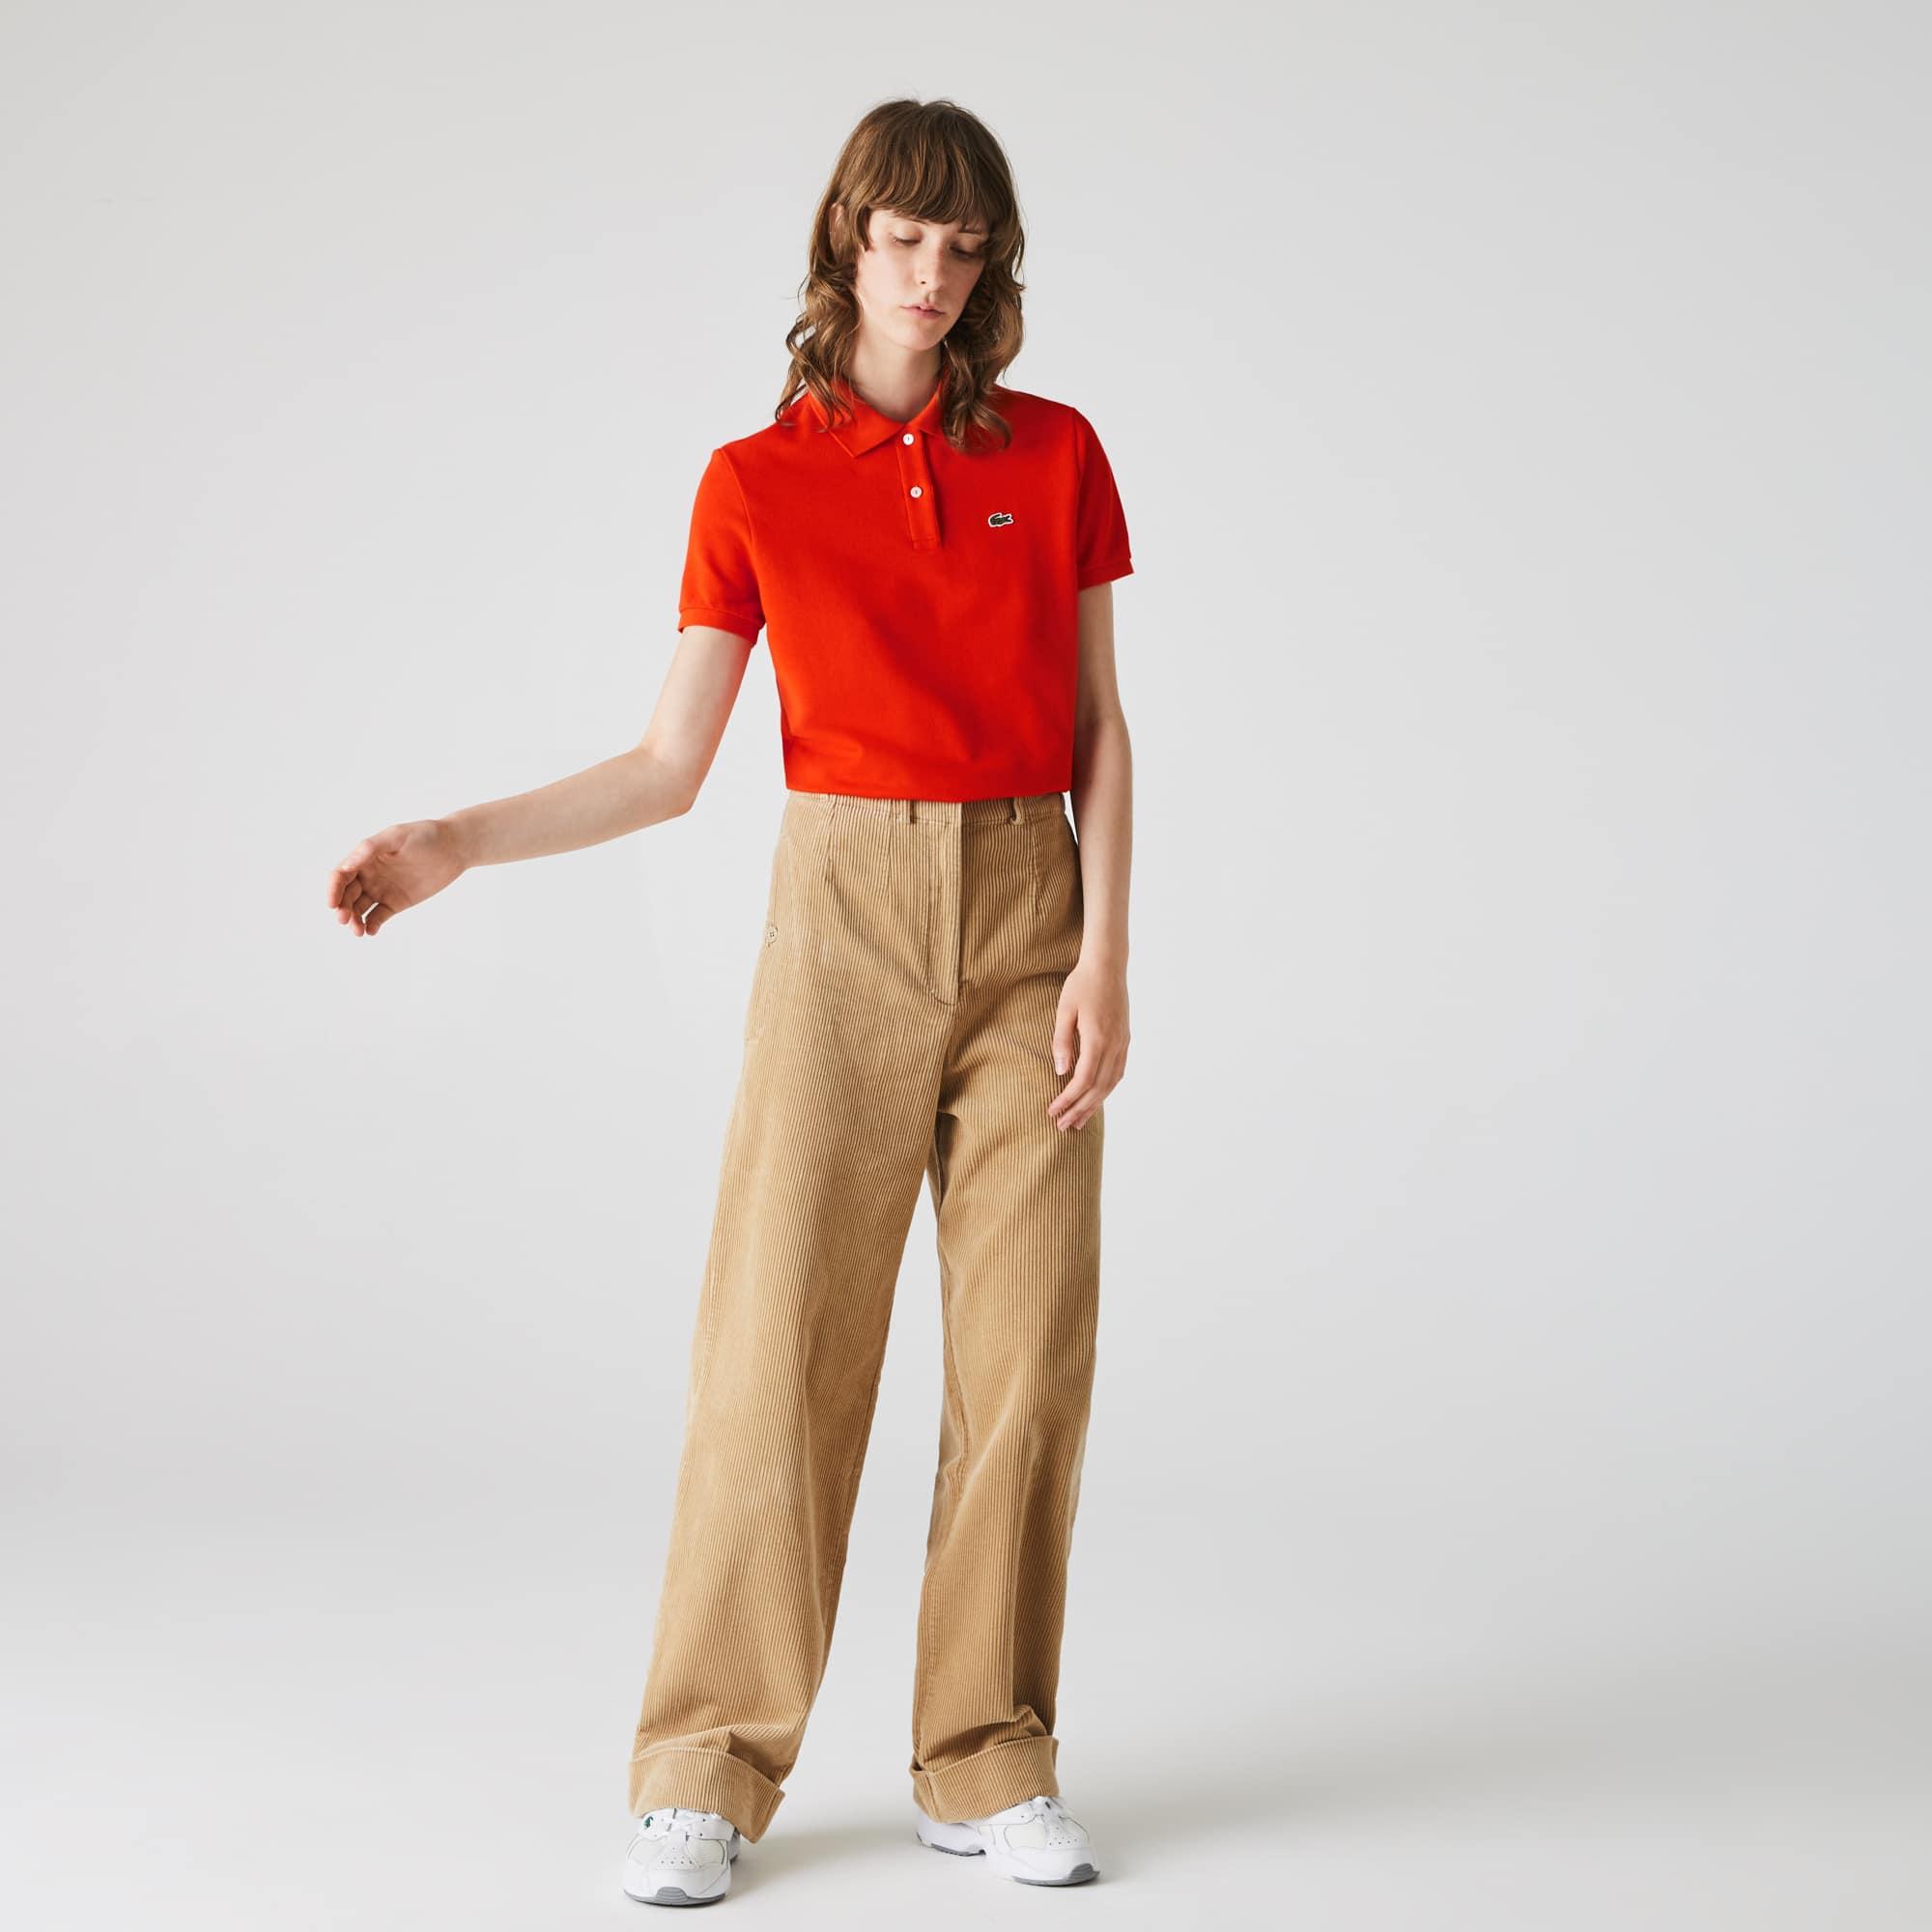 Womens Lacoste Regular Fit Soft Cotton Petit Pique Polo Shirt